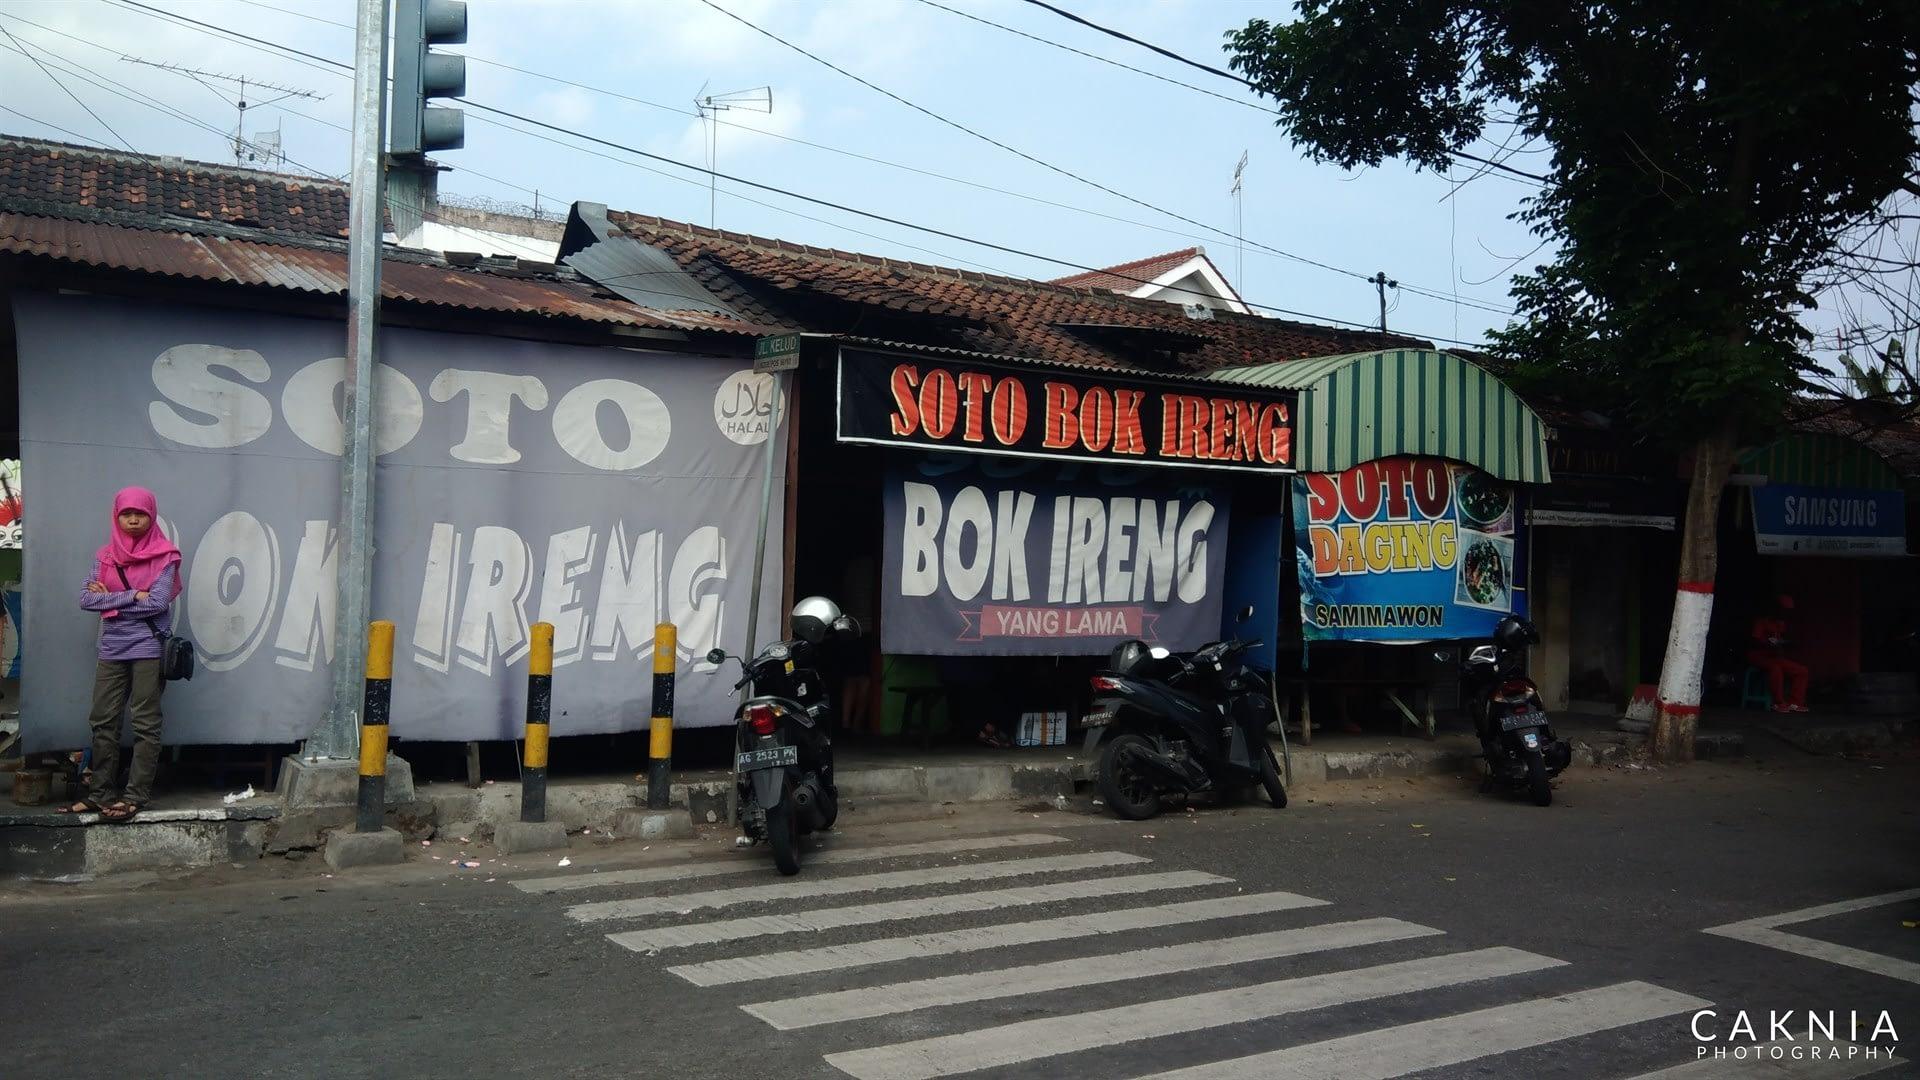 Soto Bok Ireng